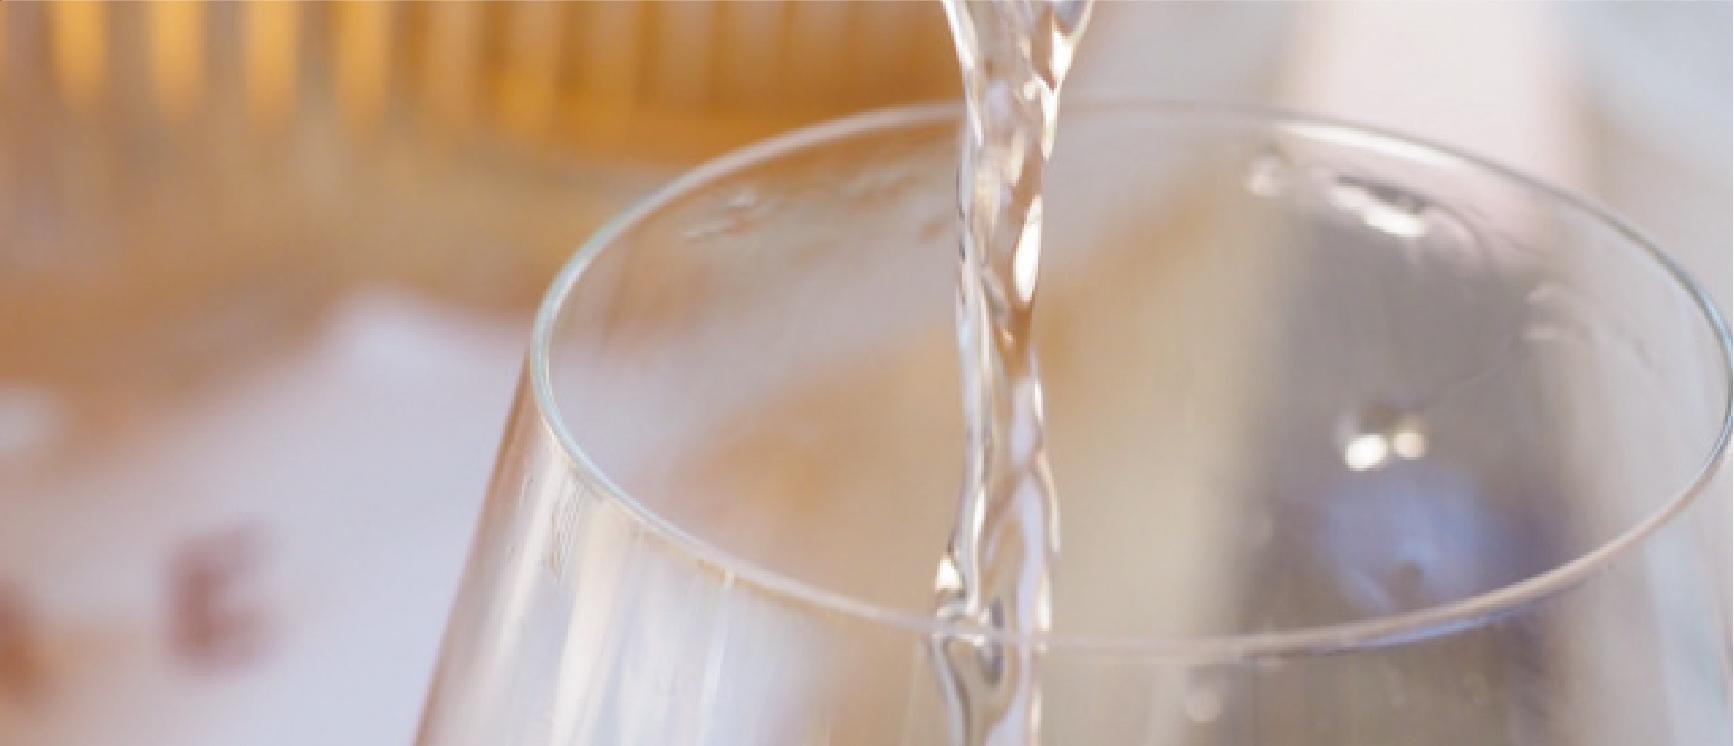 写真:グラスに注がれるロゼワイン